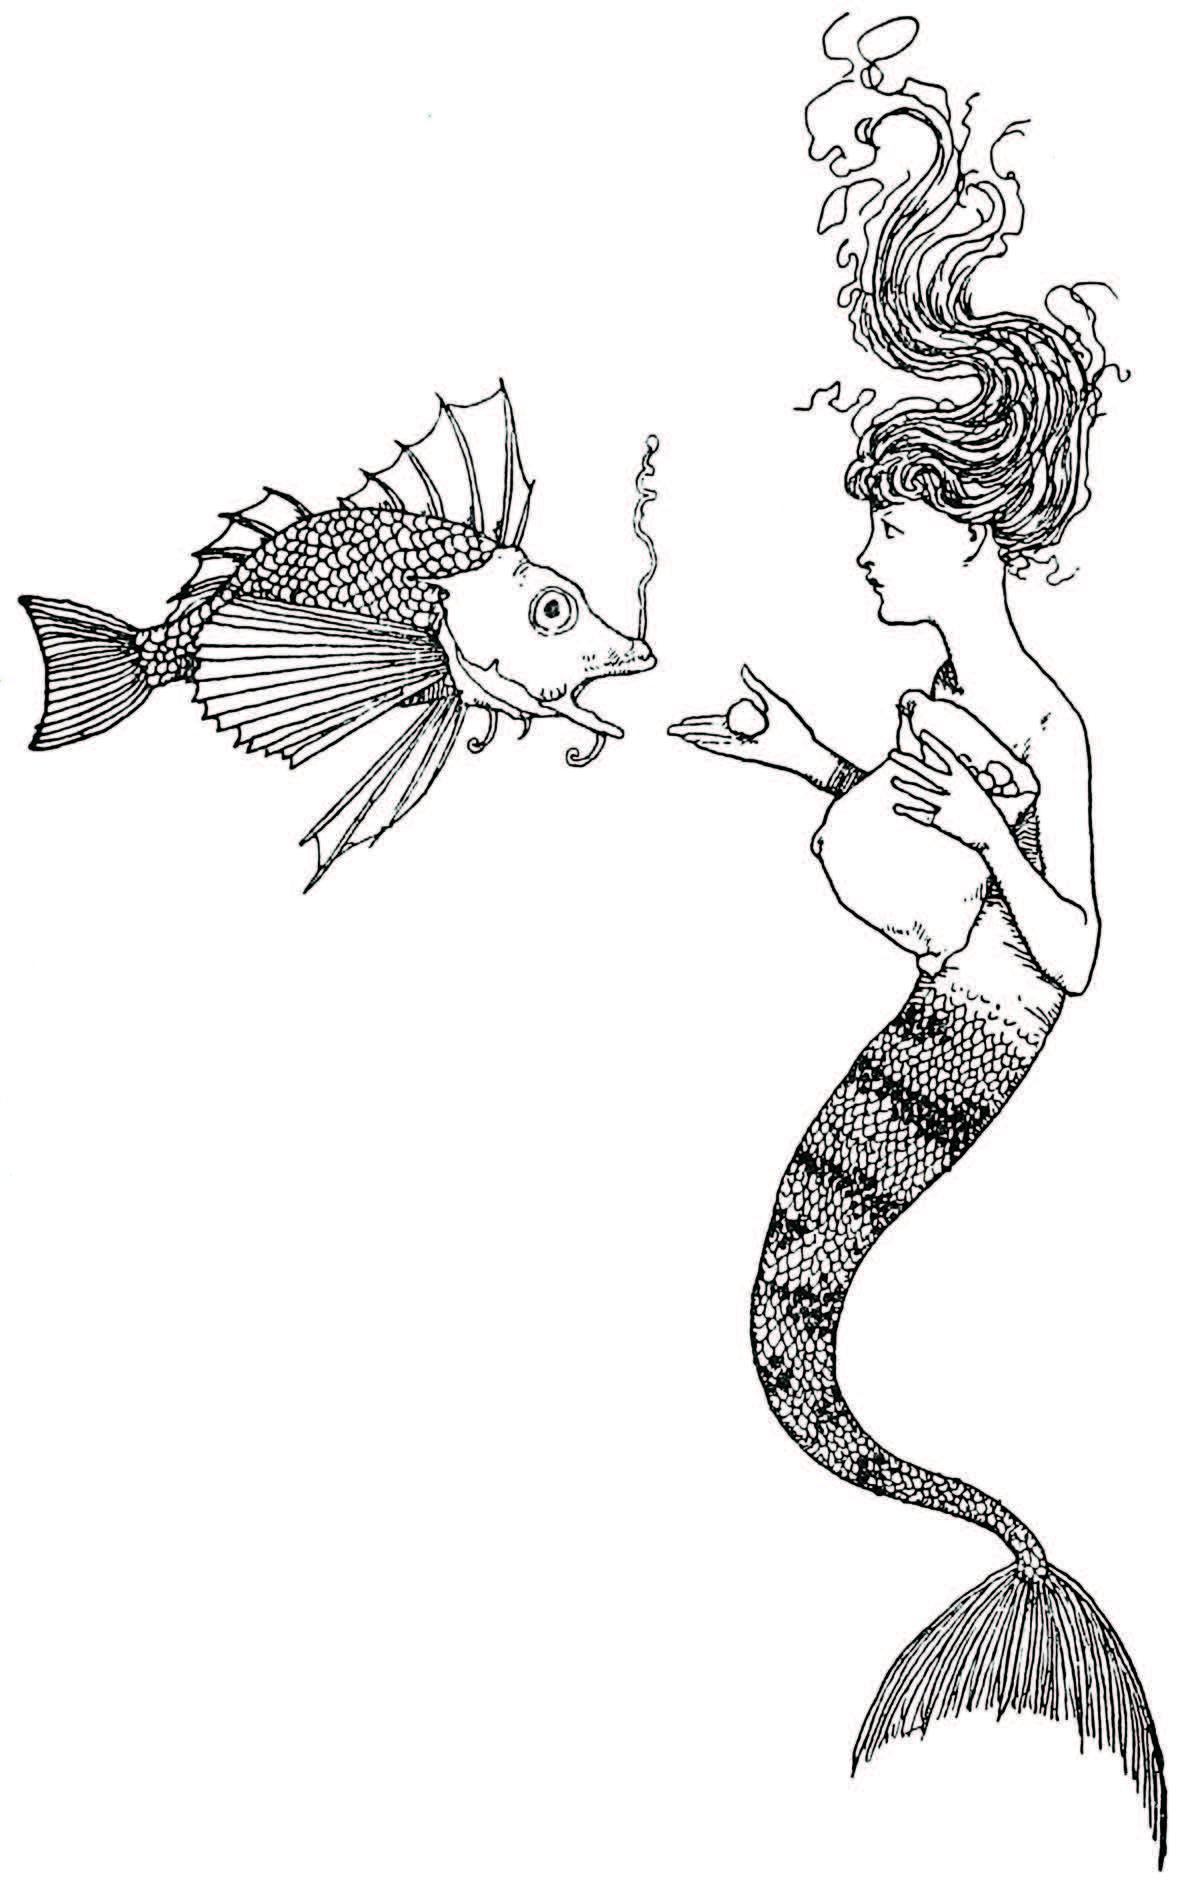 The Little Mermaid illustration by W. Heath Robinson